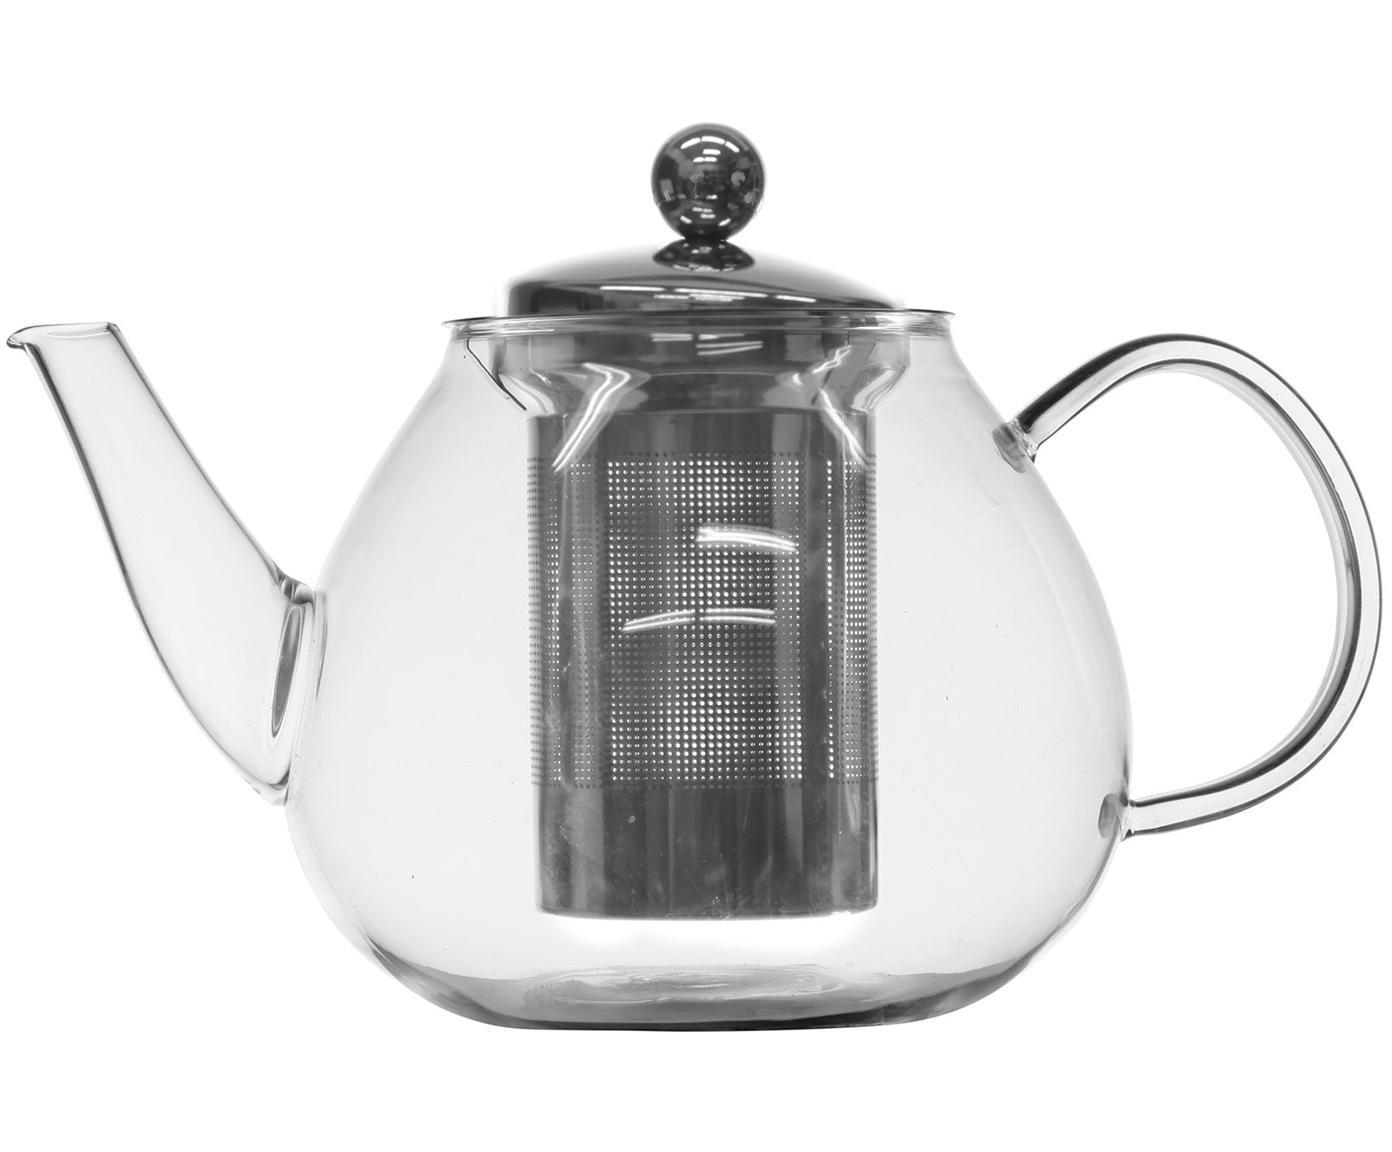 Theepot Archie met theezeef en deksel, Pot: glas, Zeef: edelstaal, Transparant, zilverkleurig, 23 x 14 cm